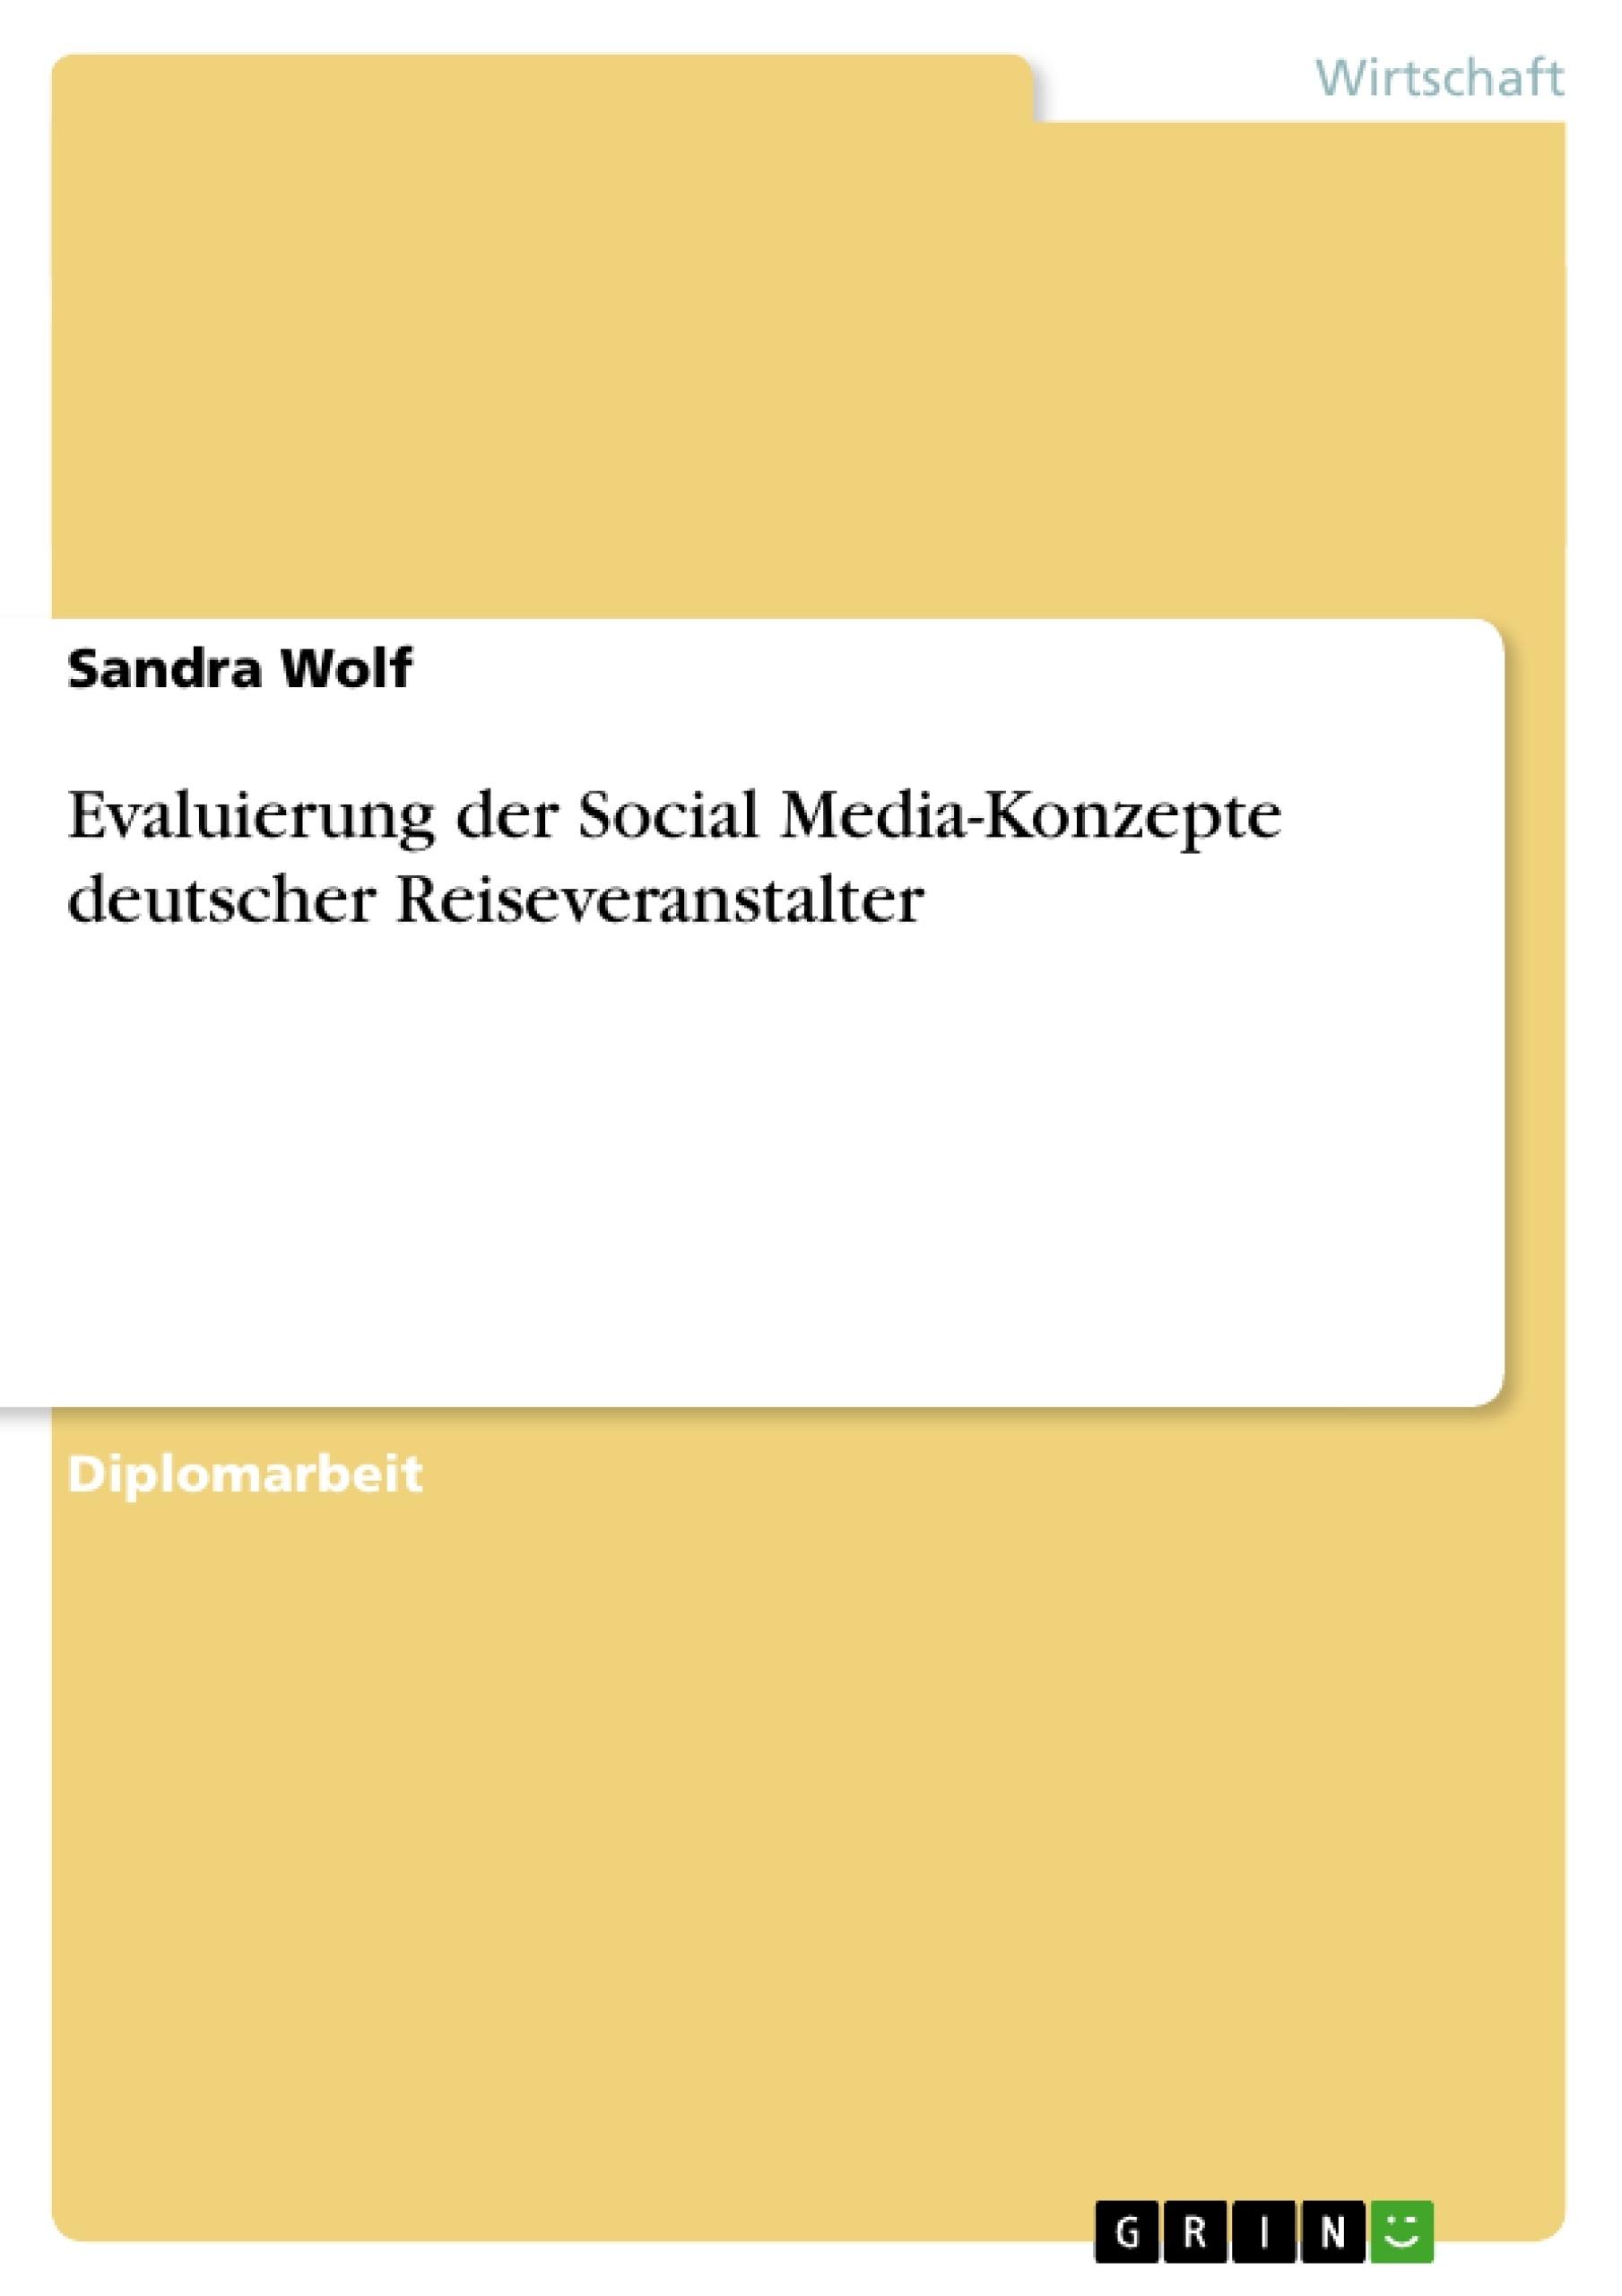 Titel: Evaluierung der Social Media-Konzepte deutscher Reiseveranstalter